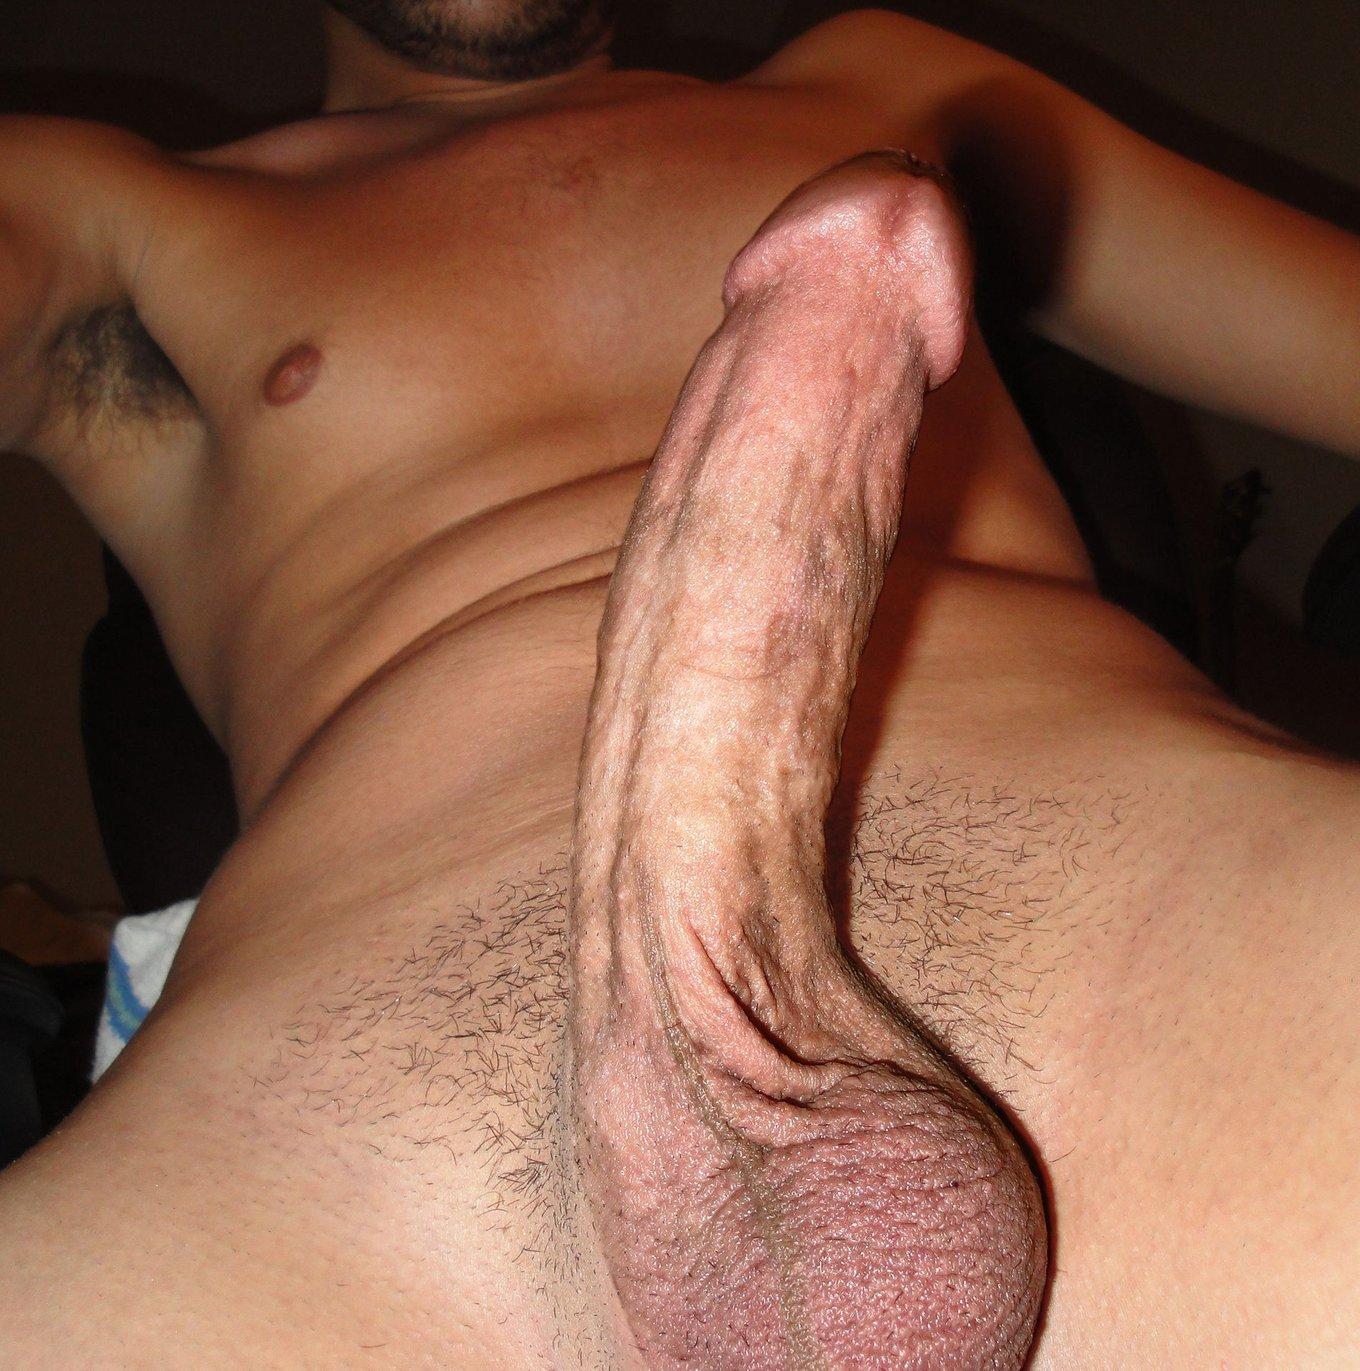 Big Dick Pic Selfie